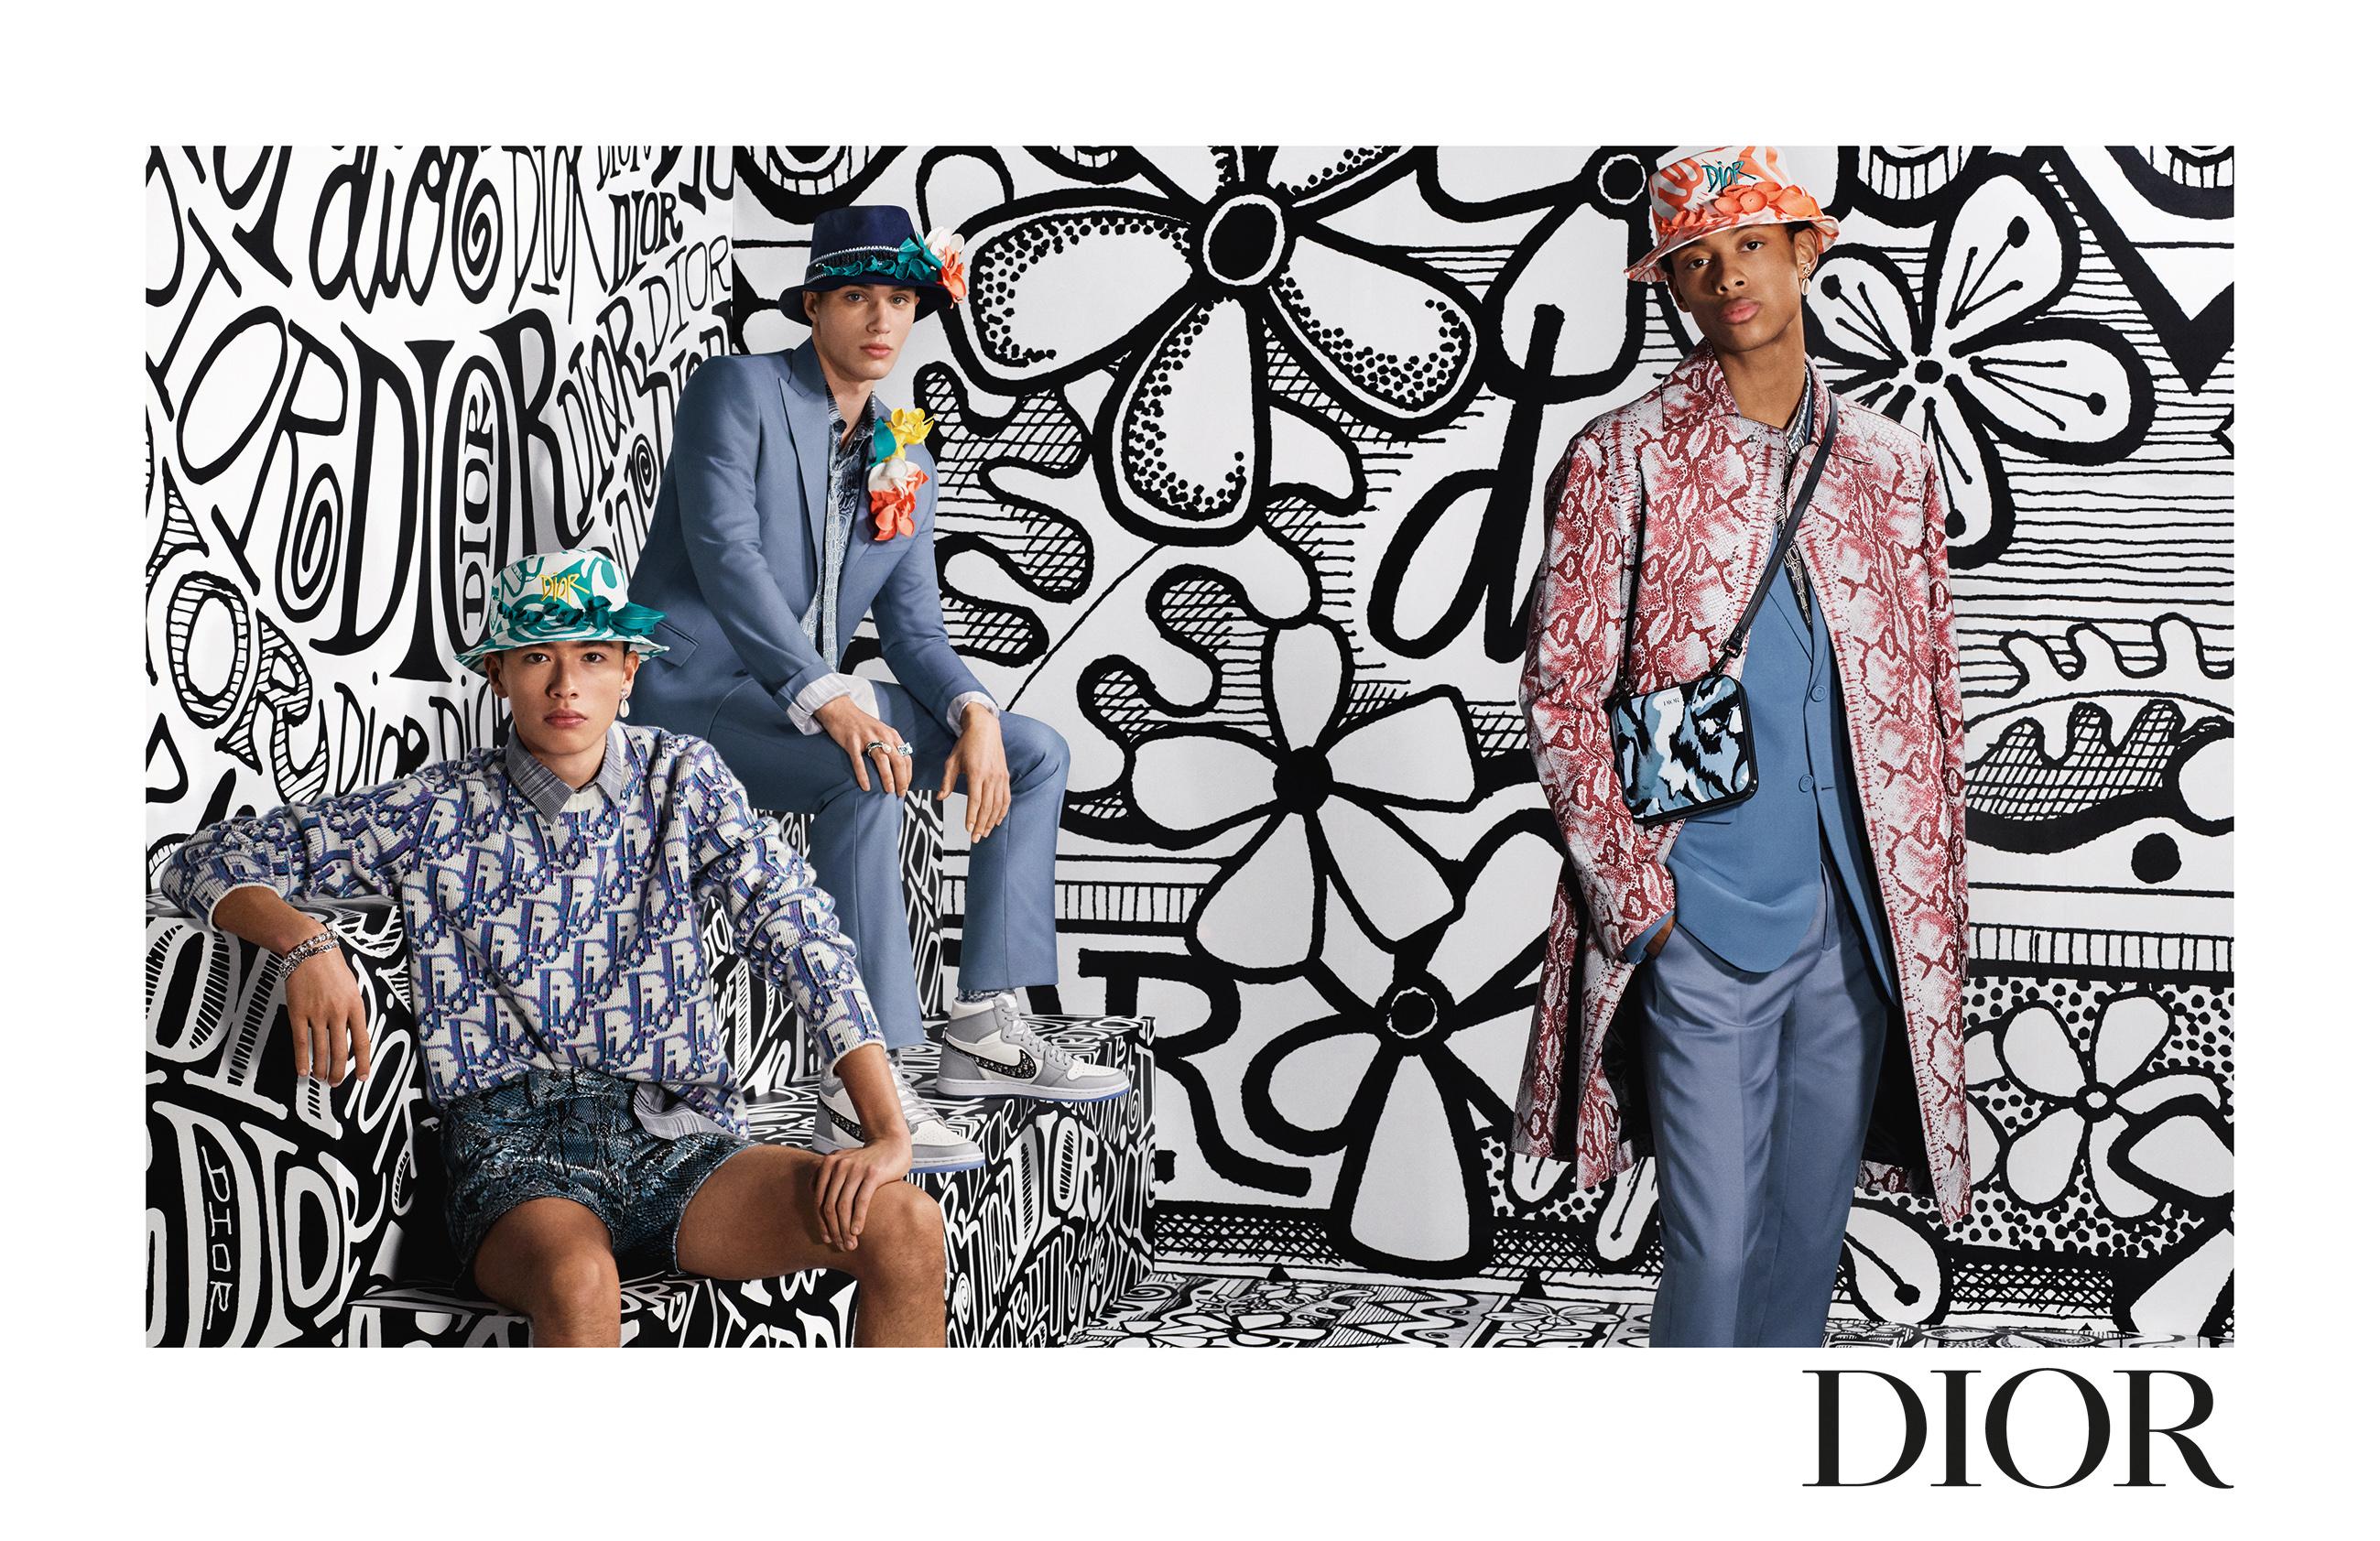 Dior men's fall 2020 campaign